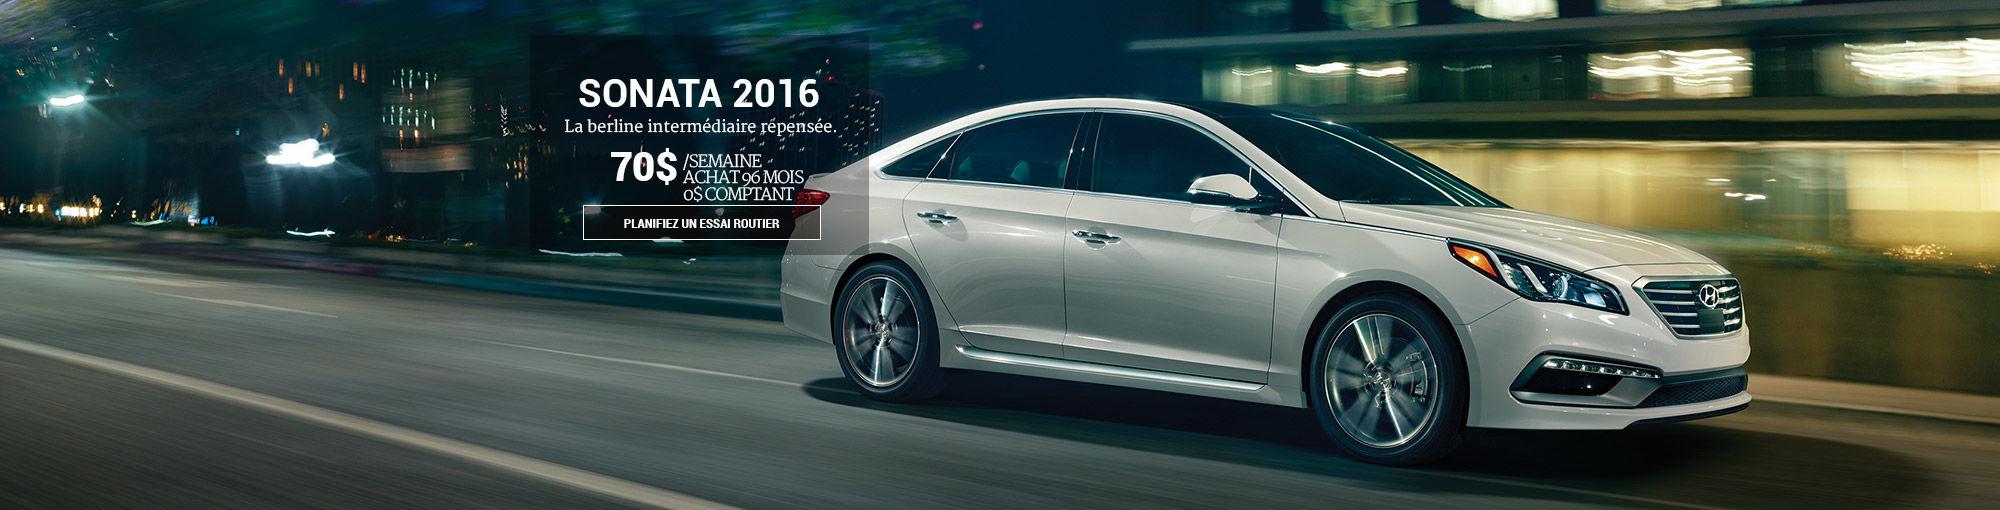 Sonata 2016 - décembre 2016 - HSH HTR (Copie)